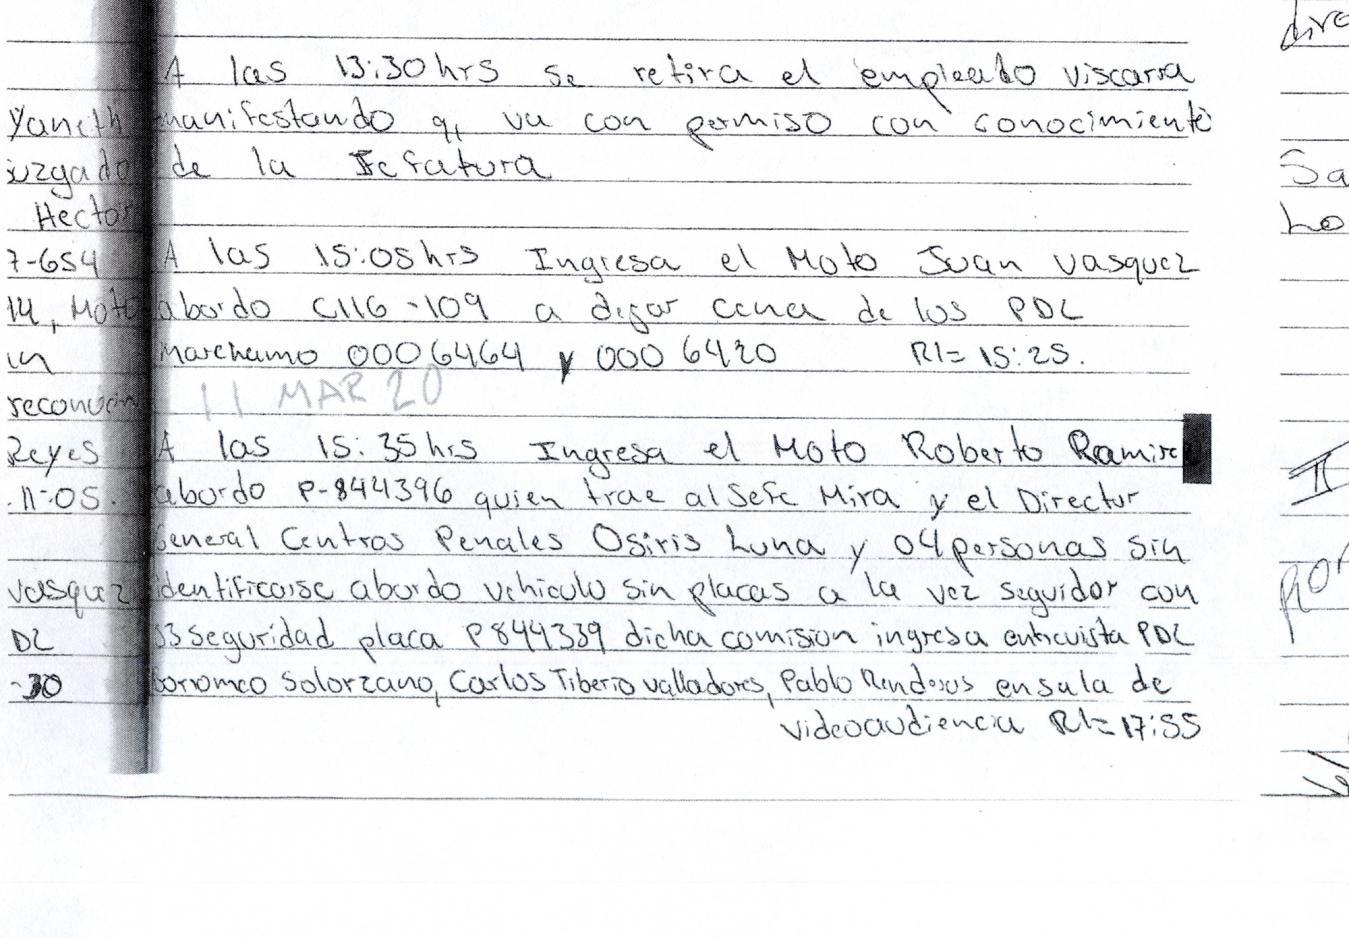 """11 de marzo de 2020: de 15:35 a 17:55 en Zacatecoluca. Luna estuvo dentro del penal de Zacatecoluca con una nueva comitiva donde también iba el entonces subdirector Élmer Mira, removido a finales de julio sin que se diera ninguna justificación pública de su despido. Luna y Mira llegaron en un carro de Centros Penales, mientras que """"cuatro personas sin identificarse"""" entraron en un vehículo sin placas. Los libros registran que en esa ocasión la comitiva ingresó a la sala de videoaudiencias a conversar con Diablito, Snyder y Pablo Renderos. El Faro constató en archivos penitenciarios que en Zacatecoluca guarda prisión Pablo Antonio Renderos Cruz, el Bad Spirit o Gato de la clica de Iberias, condenado a 35 años en 2007 por el Juzgado Cuarto de Sentencia en un caso de agrupaciones ilícitas y homicidio simple."""